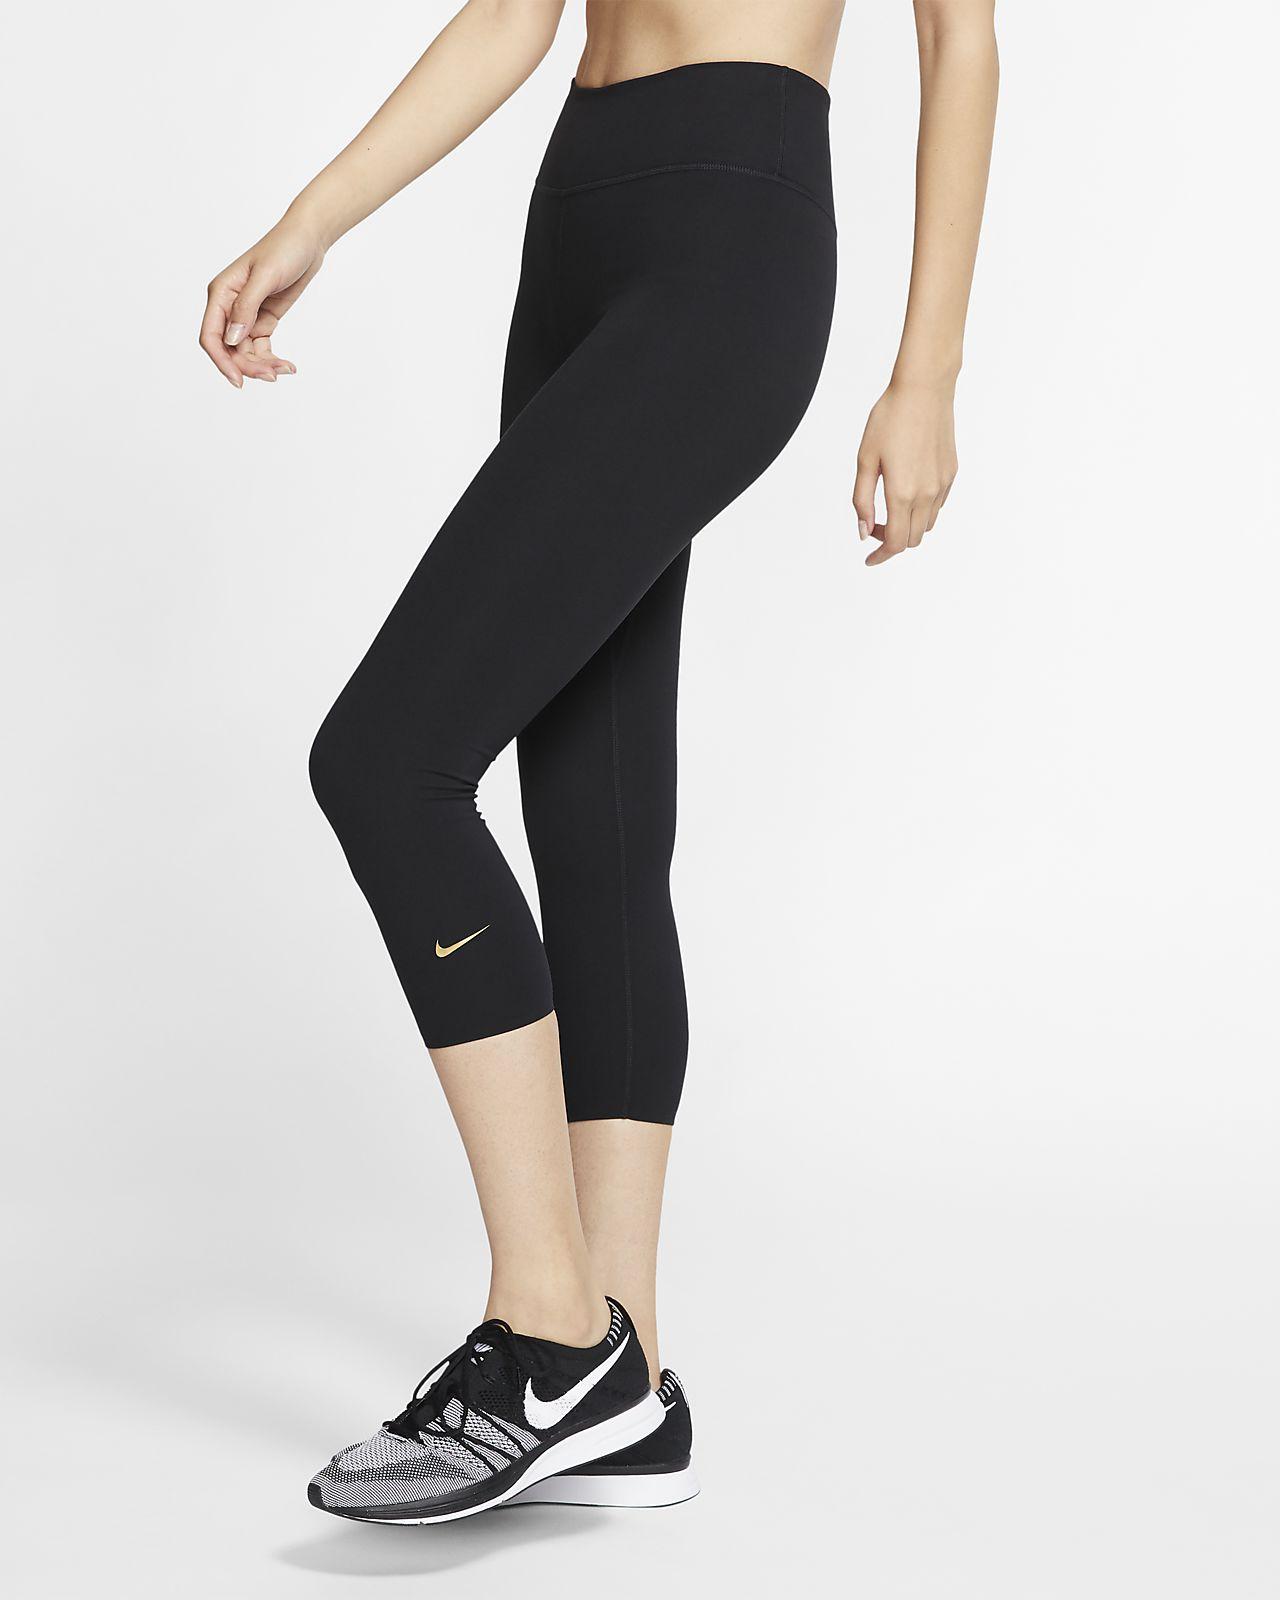 Nike One Luxe Bilek Üstü Kadın Taytı